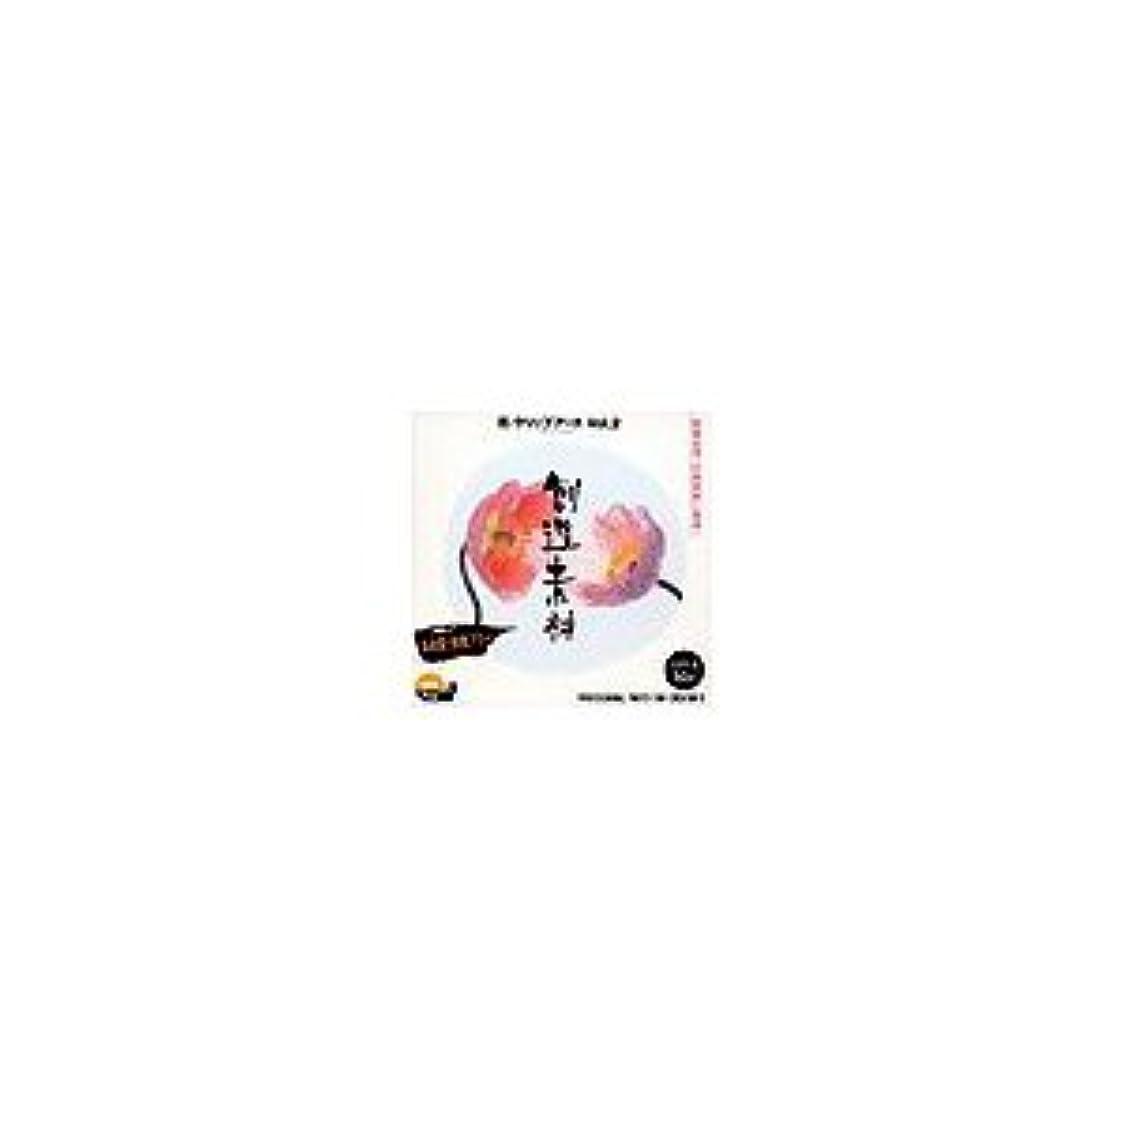 おバラエティ組写真素材 創造素材 花/クリップアート Vol.2-ホワイトバック- ds-68165